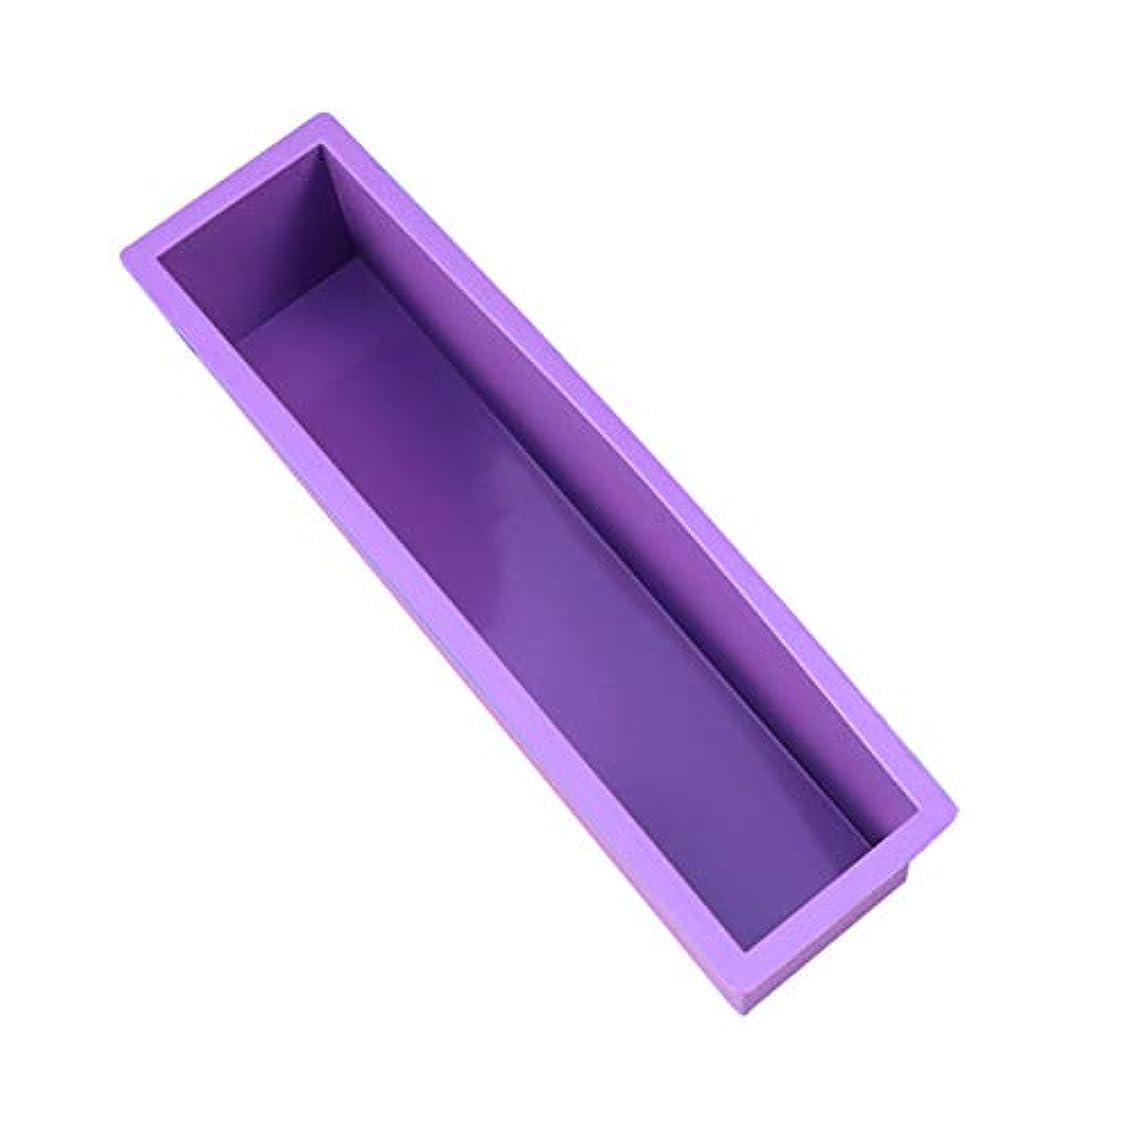 黙認するパイセージHealifty DIYの石鹸金型スクエアラウンドオーバル金型木製ボックスサイズなしの手作り金型 - S(紫)